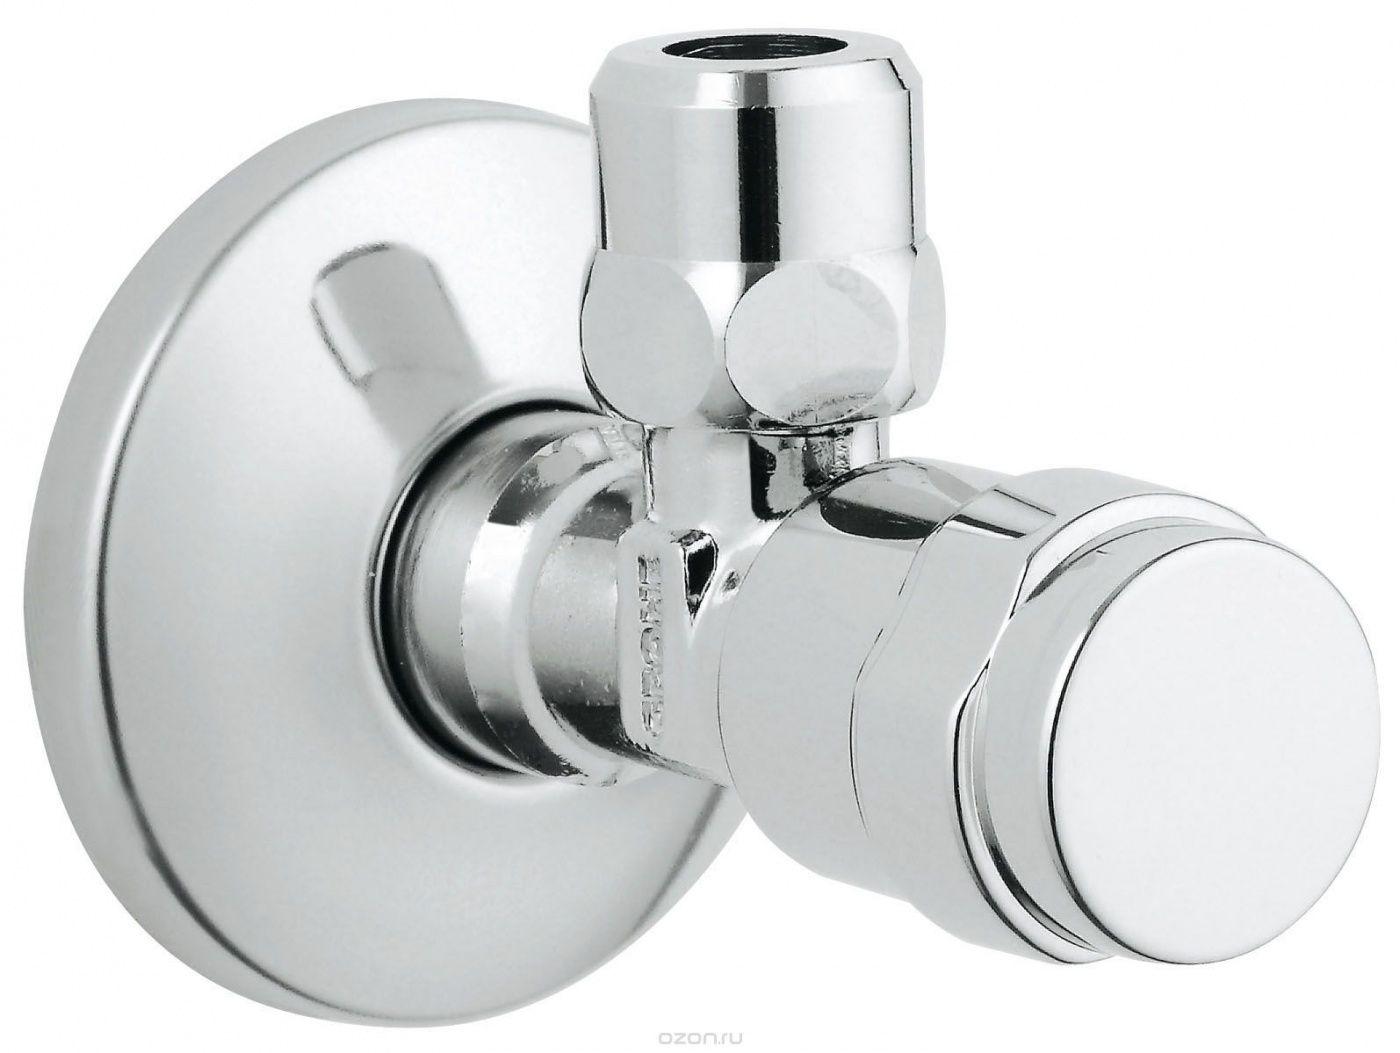 Grohe Relexa вентиль для раковины 41263000 ФОТО